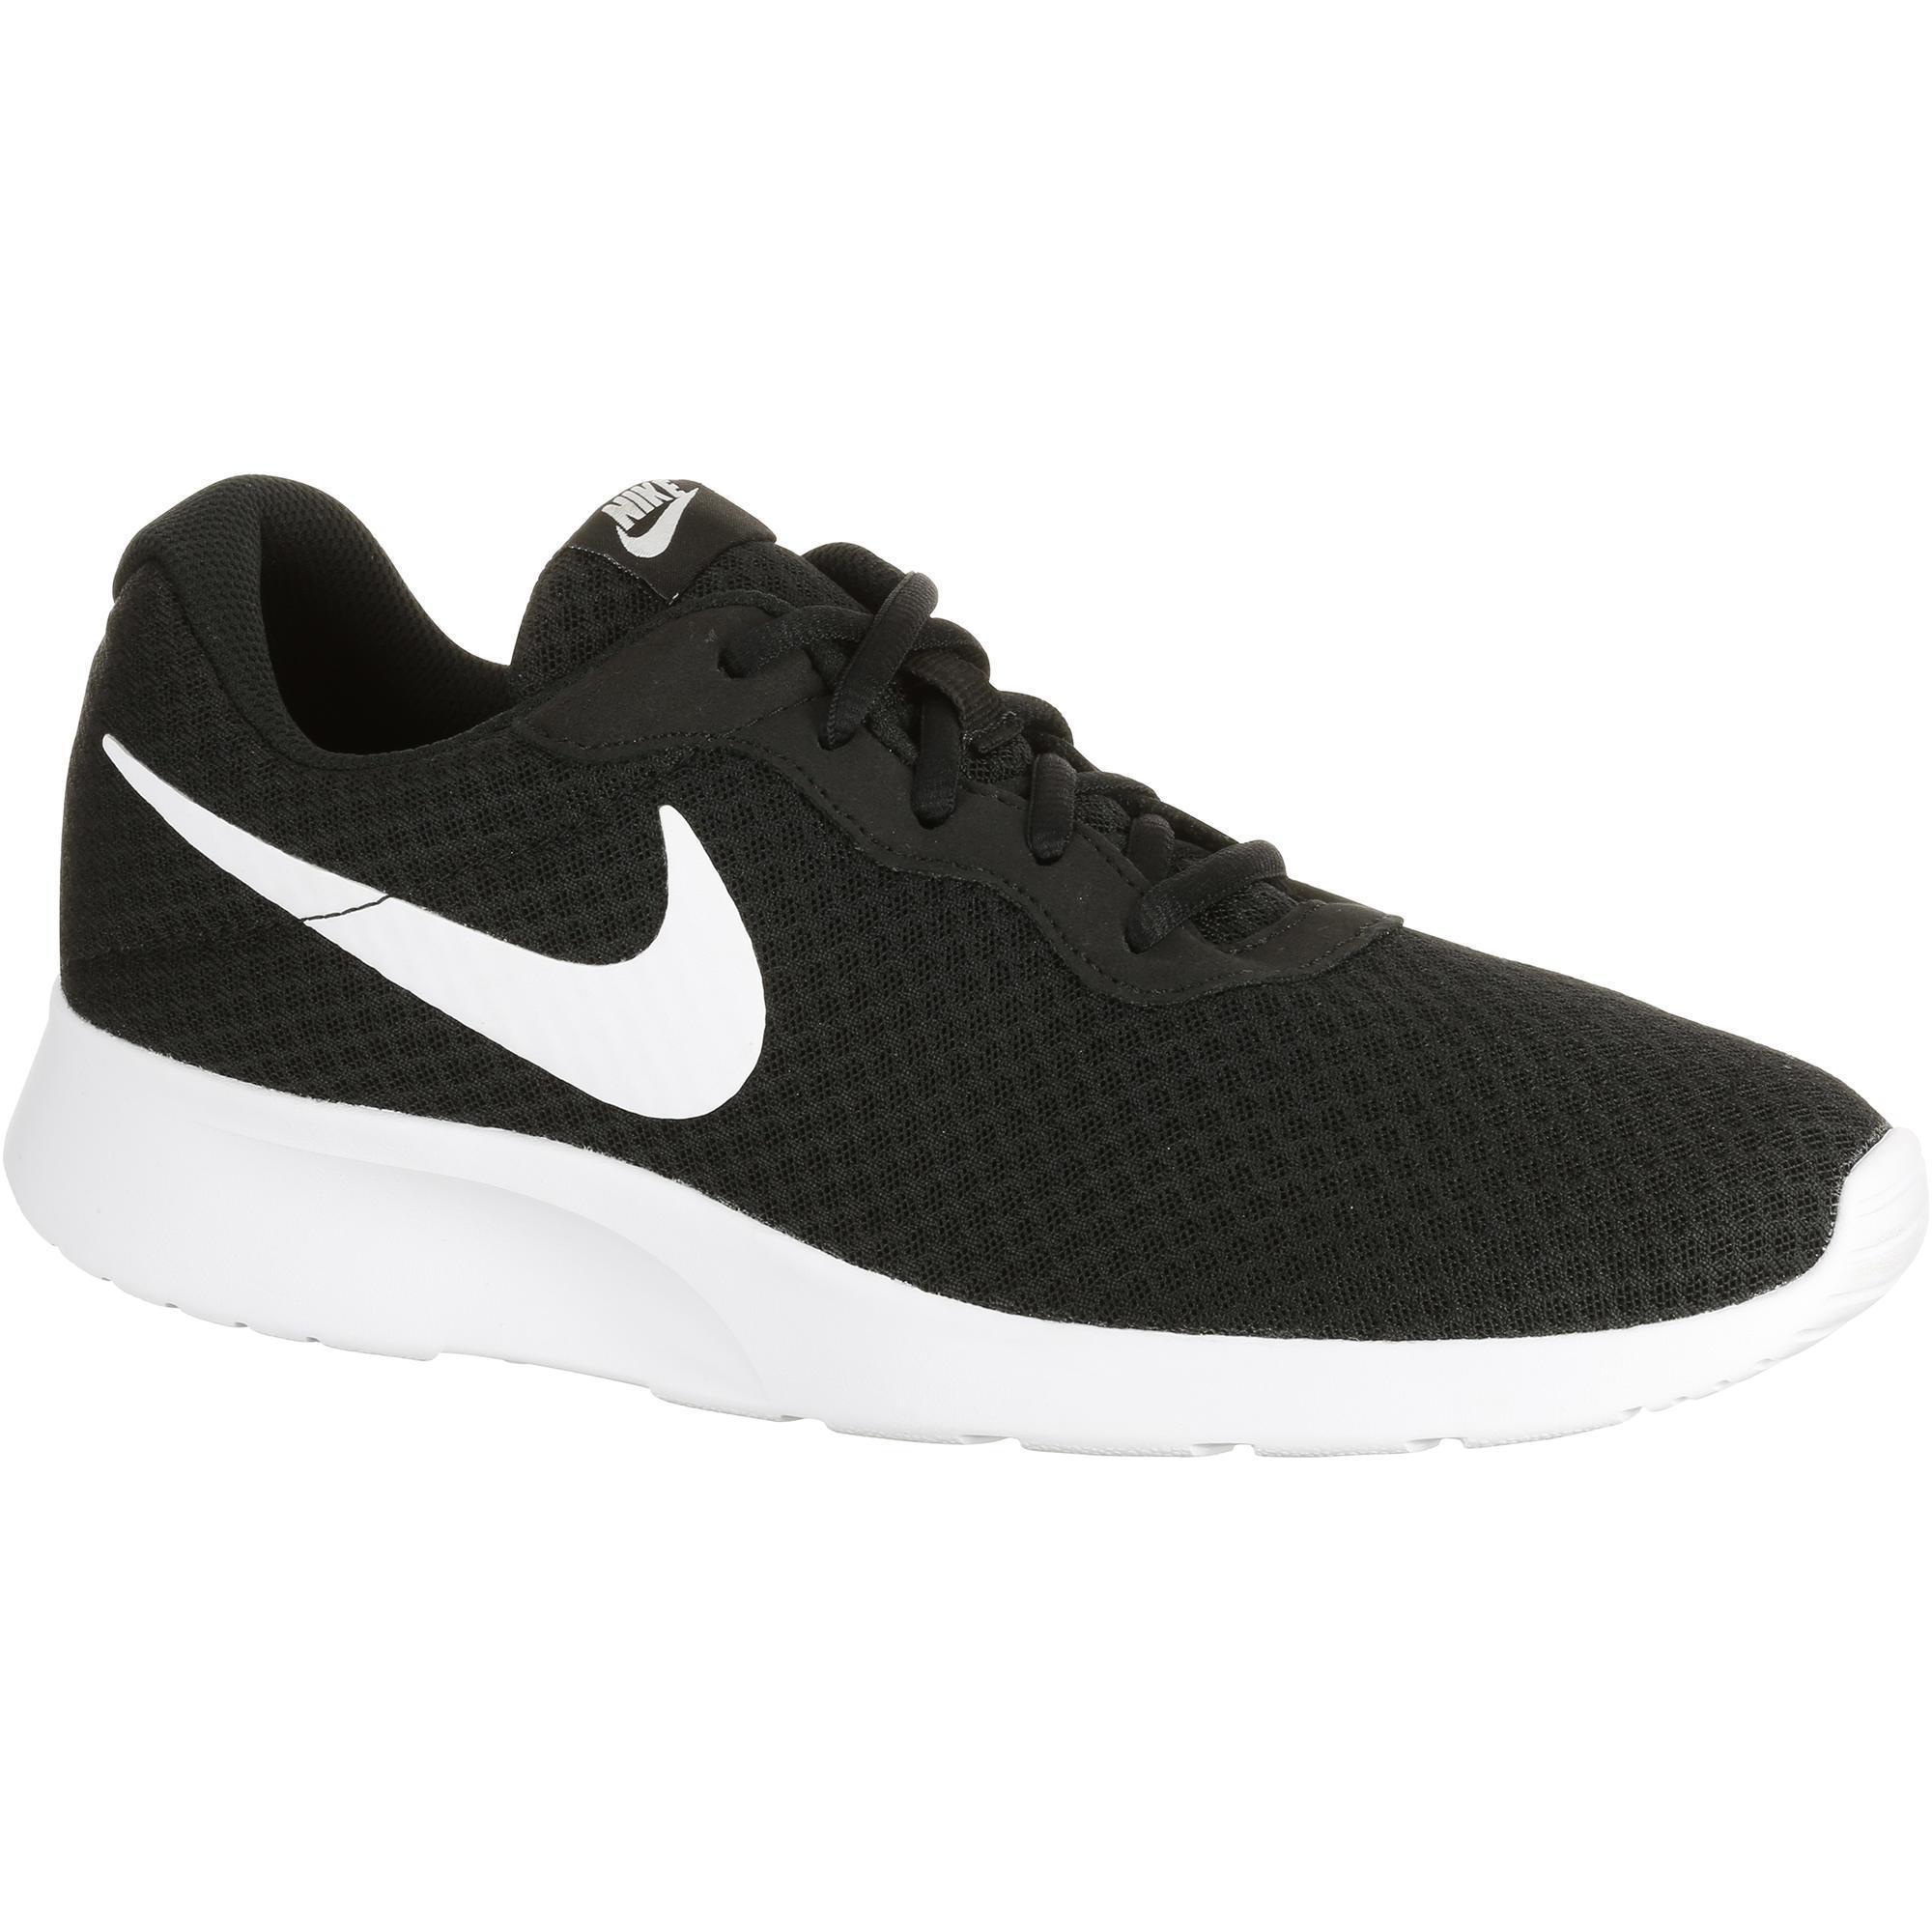 Zapatillas de marcha deportiva para hombre Tanjun negro   blanco Nike  ec4a467d609e1